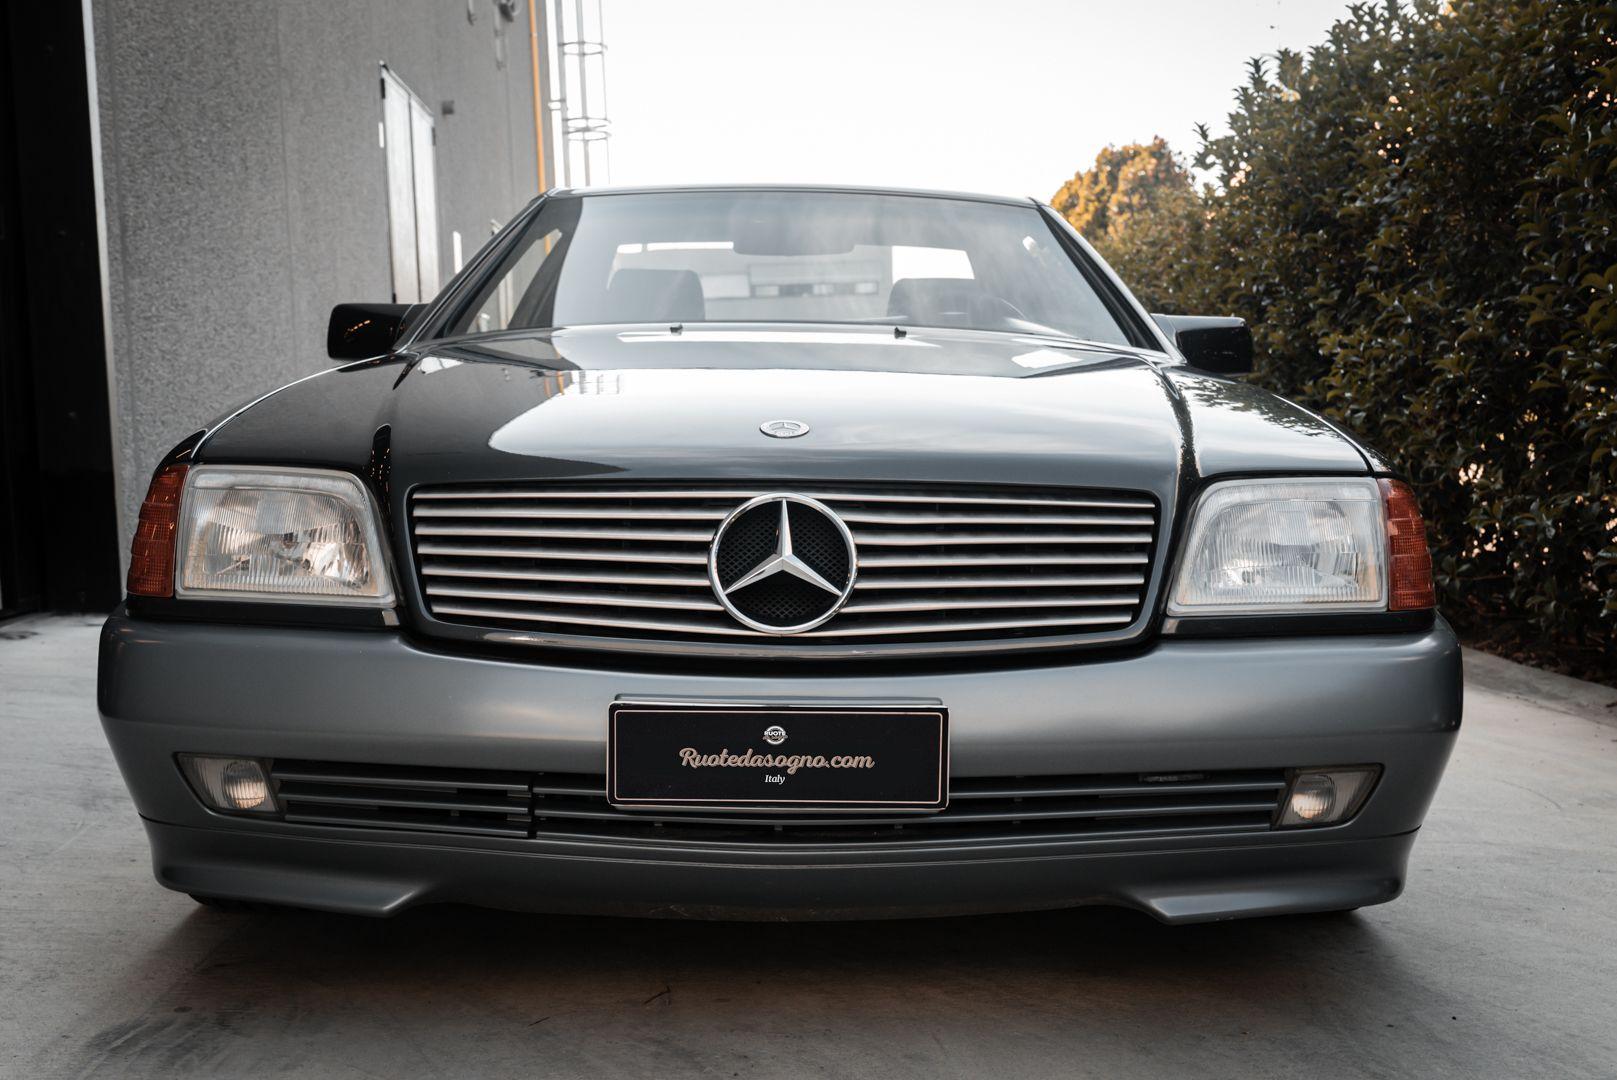 1992 Mercedes Benz 300 SL 24 V 80609